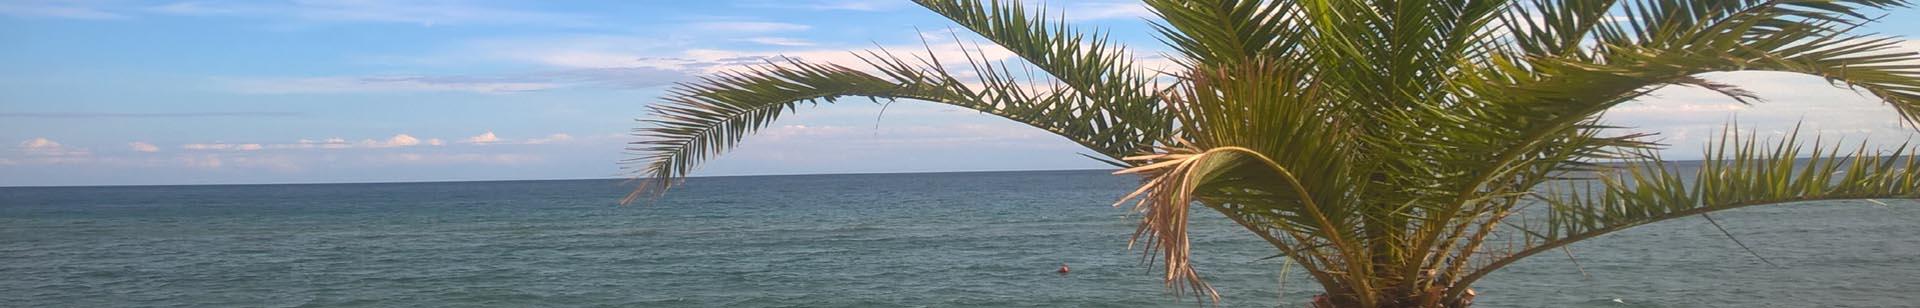 Morze 1920x308